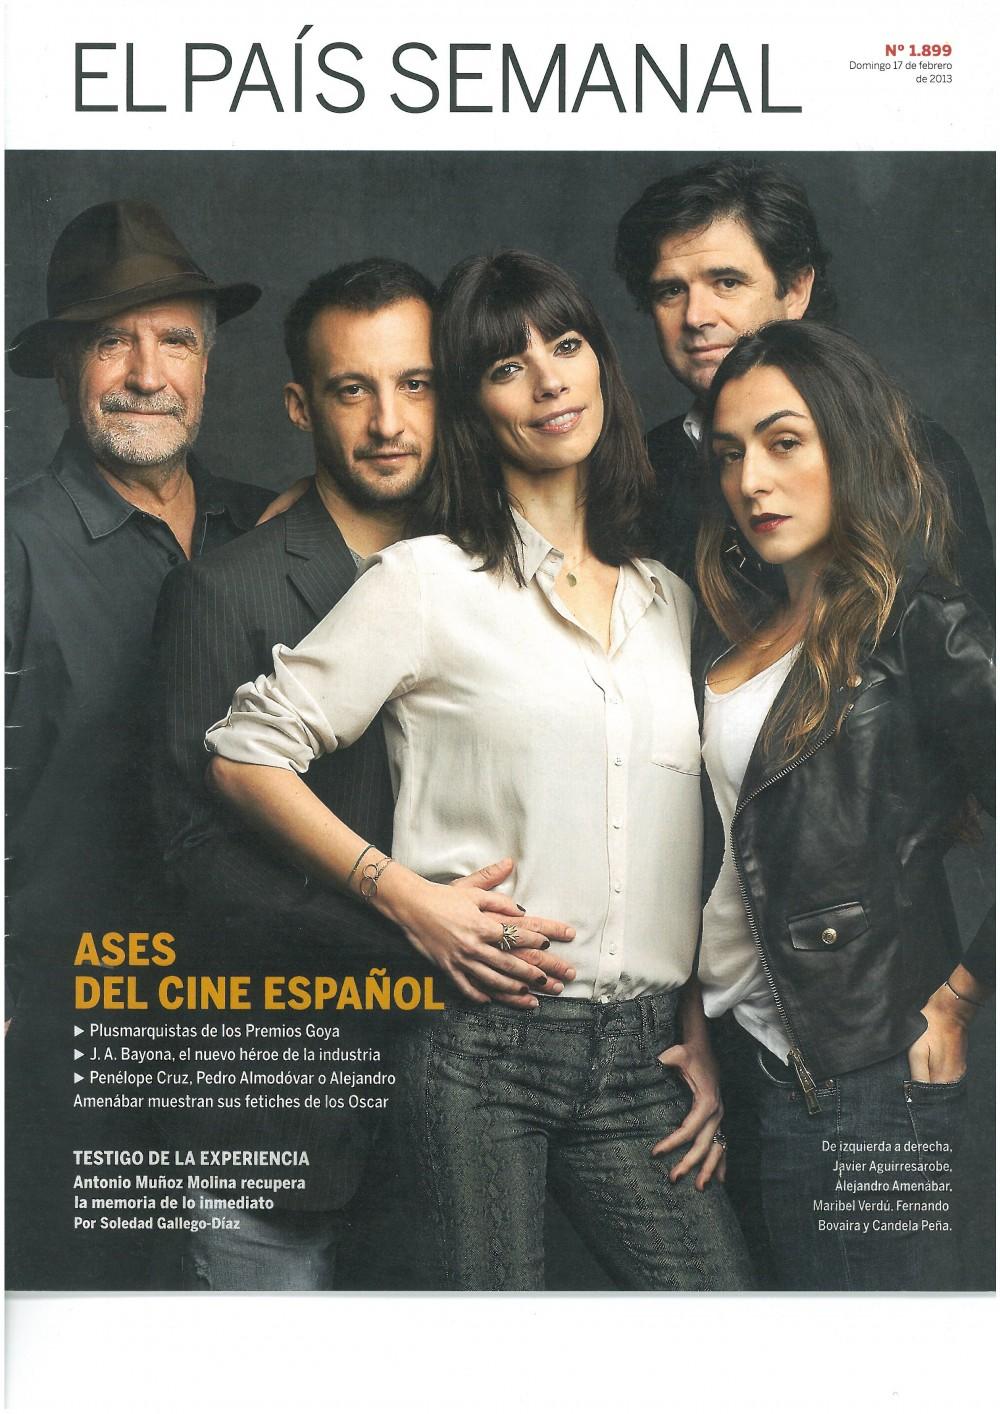 El País Semanal N1.899